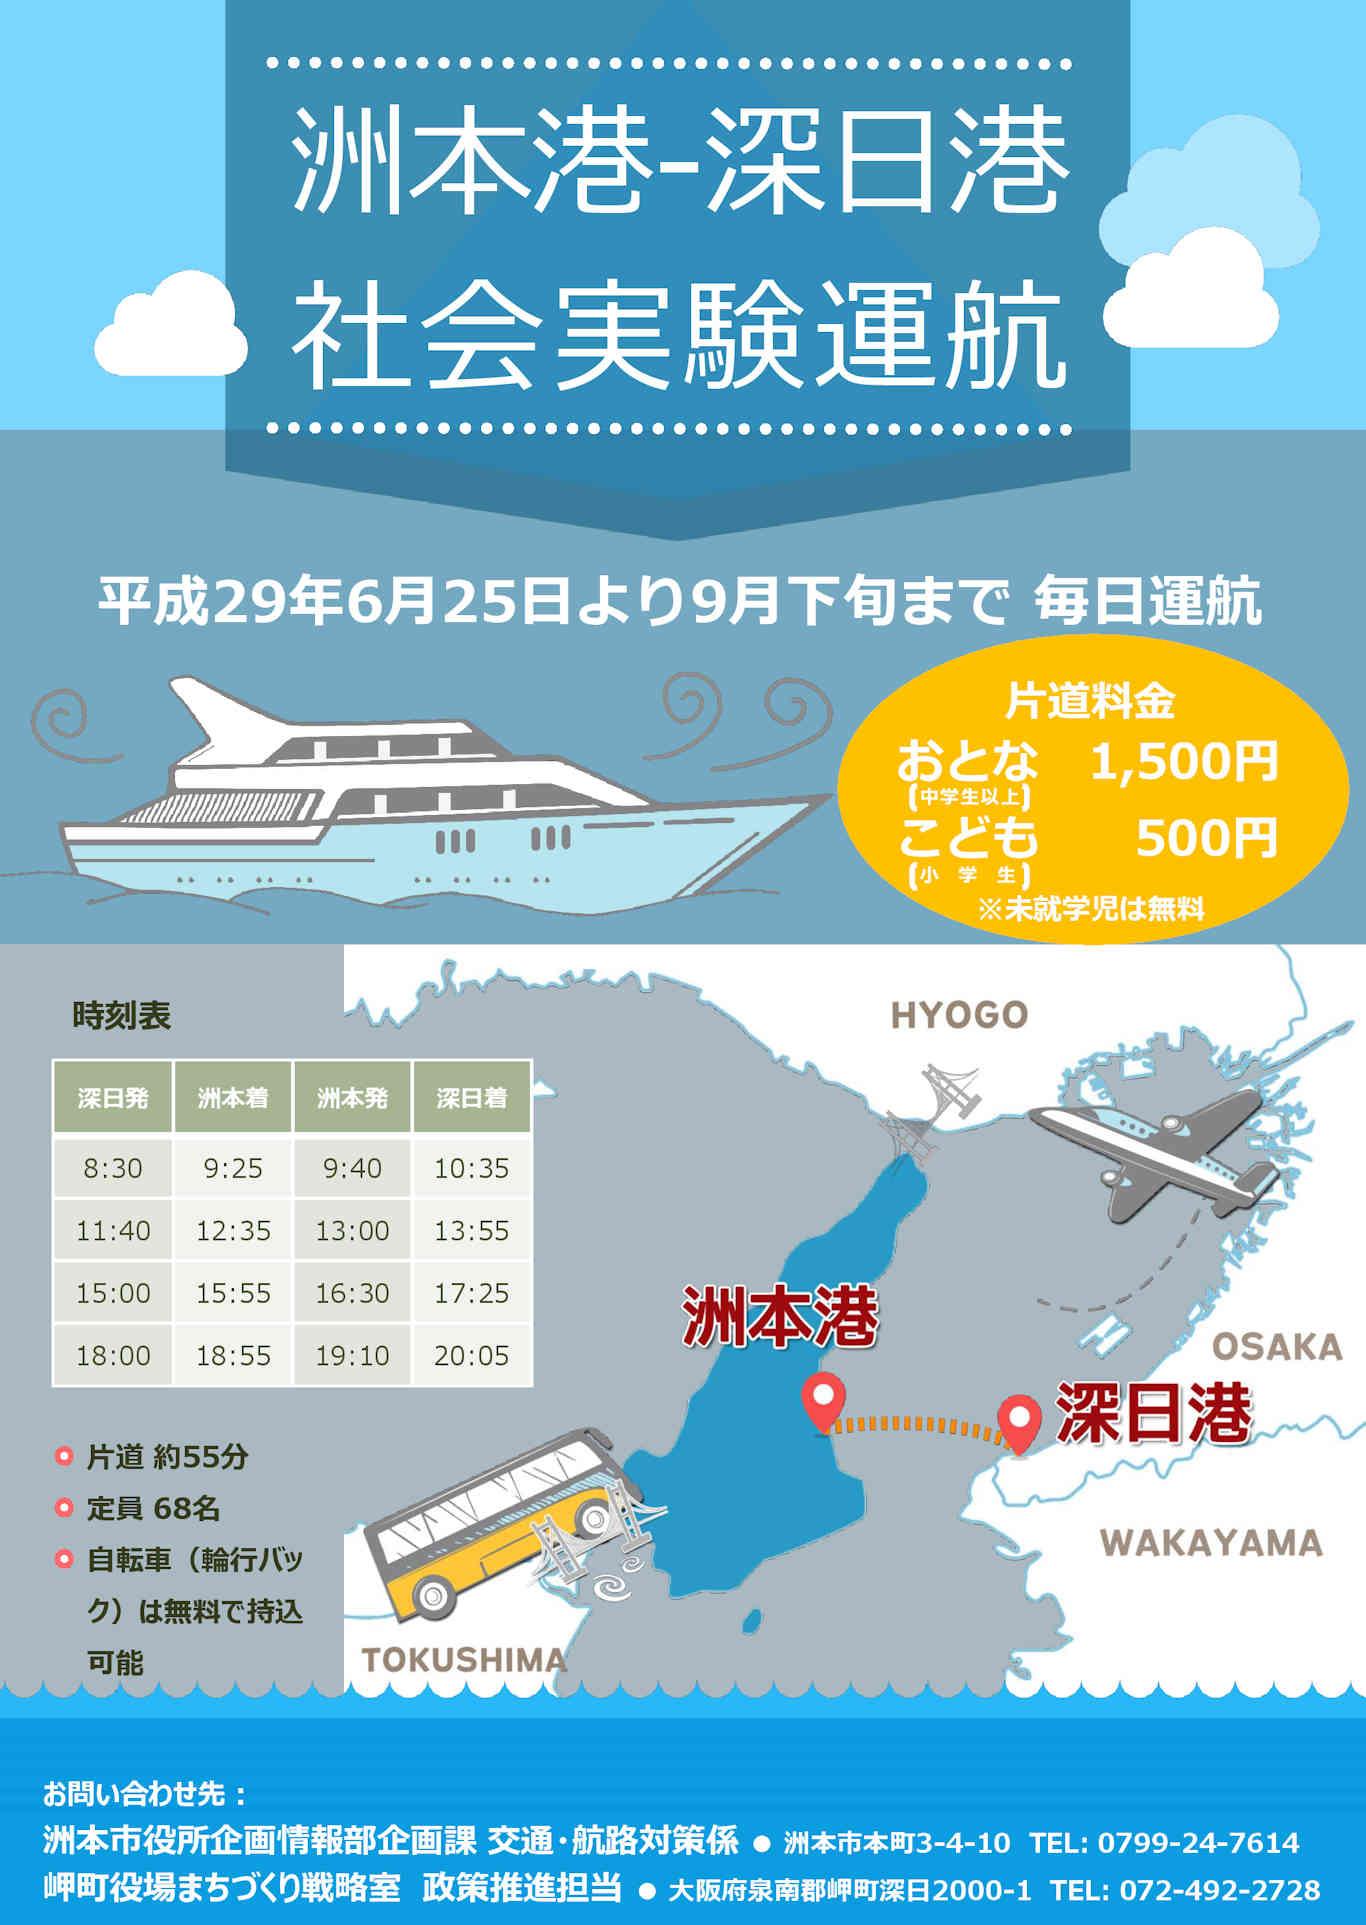 洲本港 - 深日港 旅客船